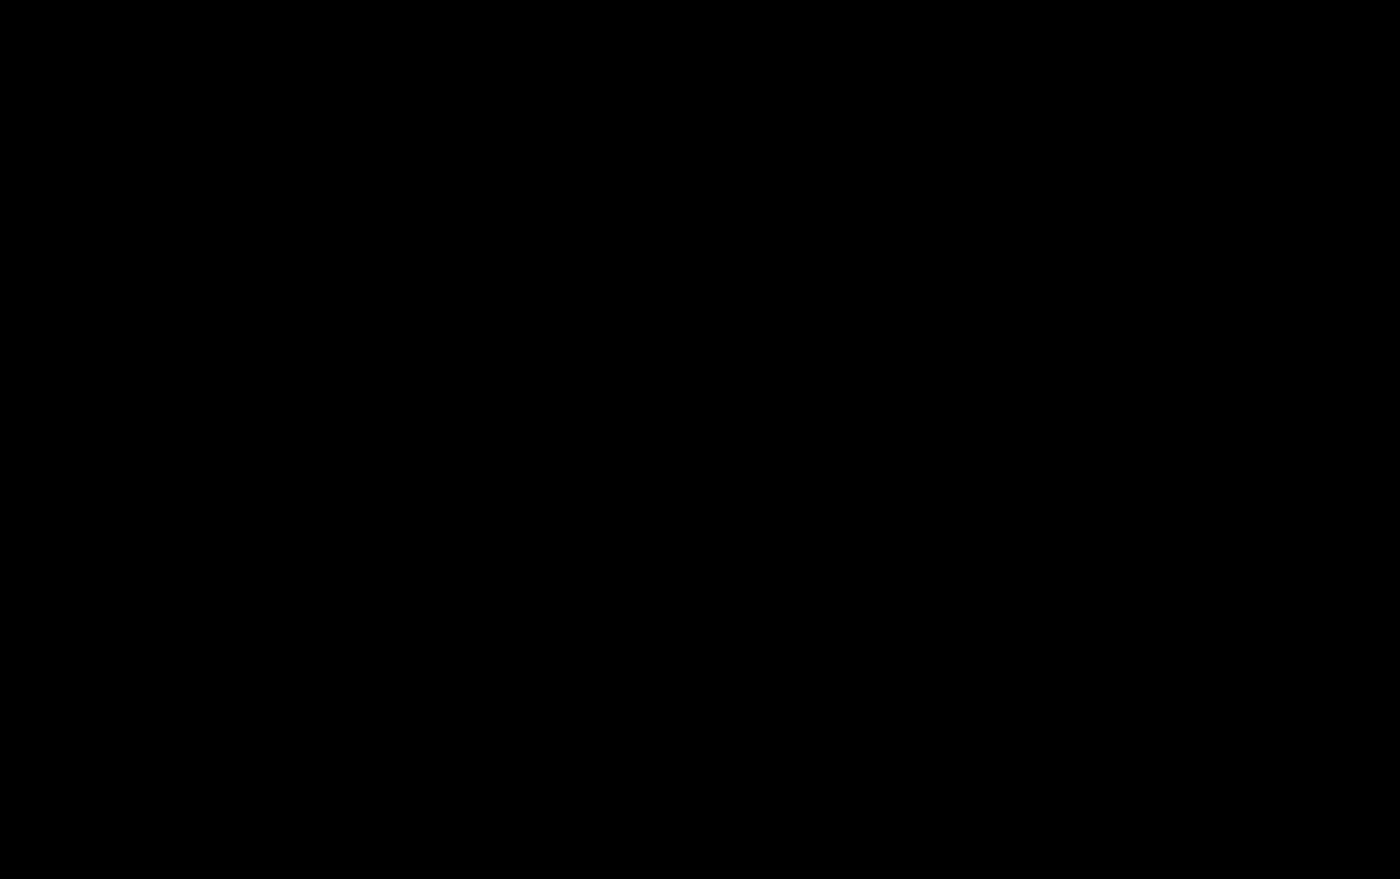 puristisches-kubisches-bauhaus-grundriss-og